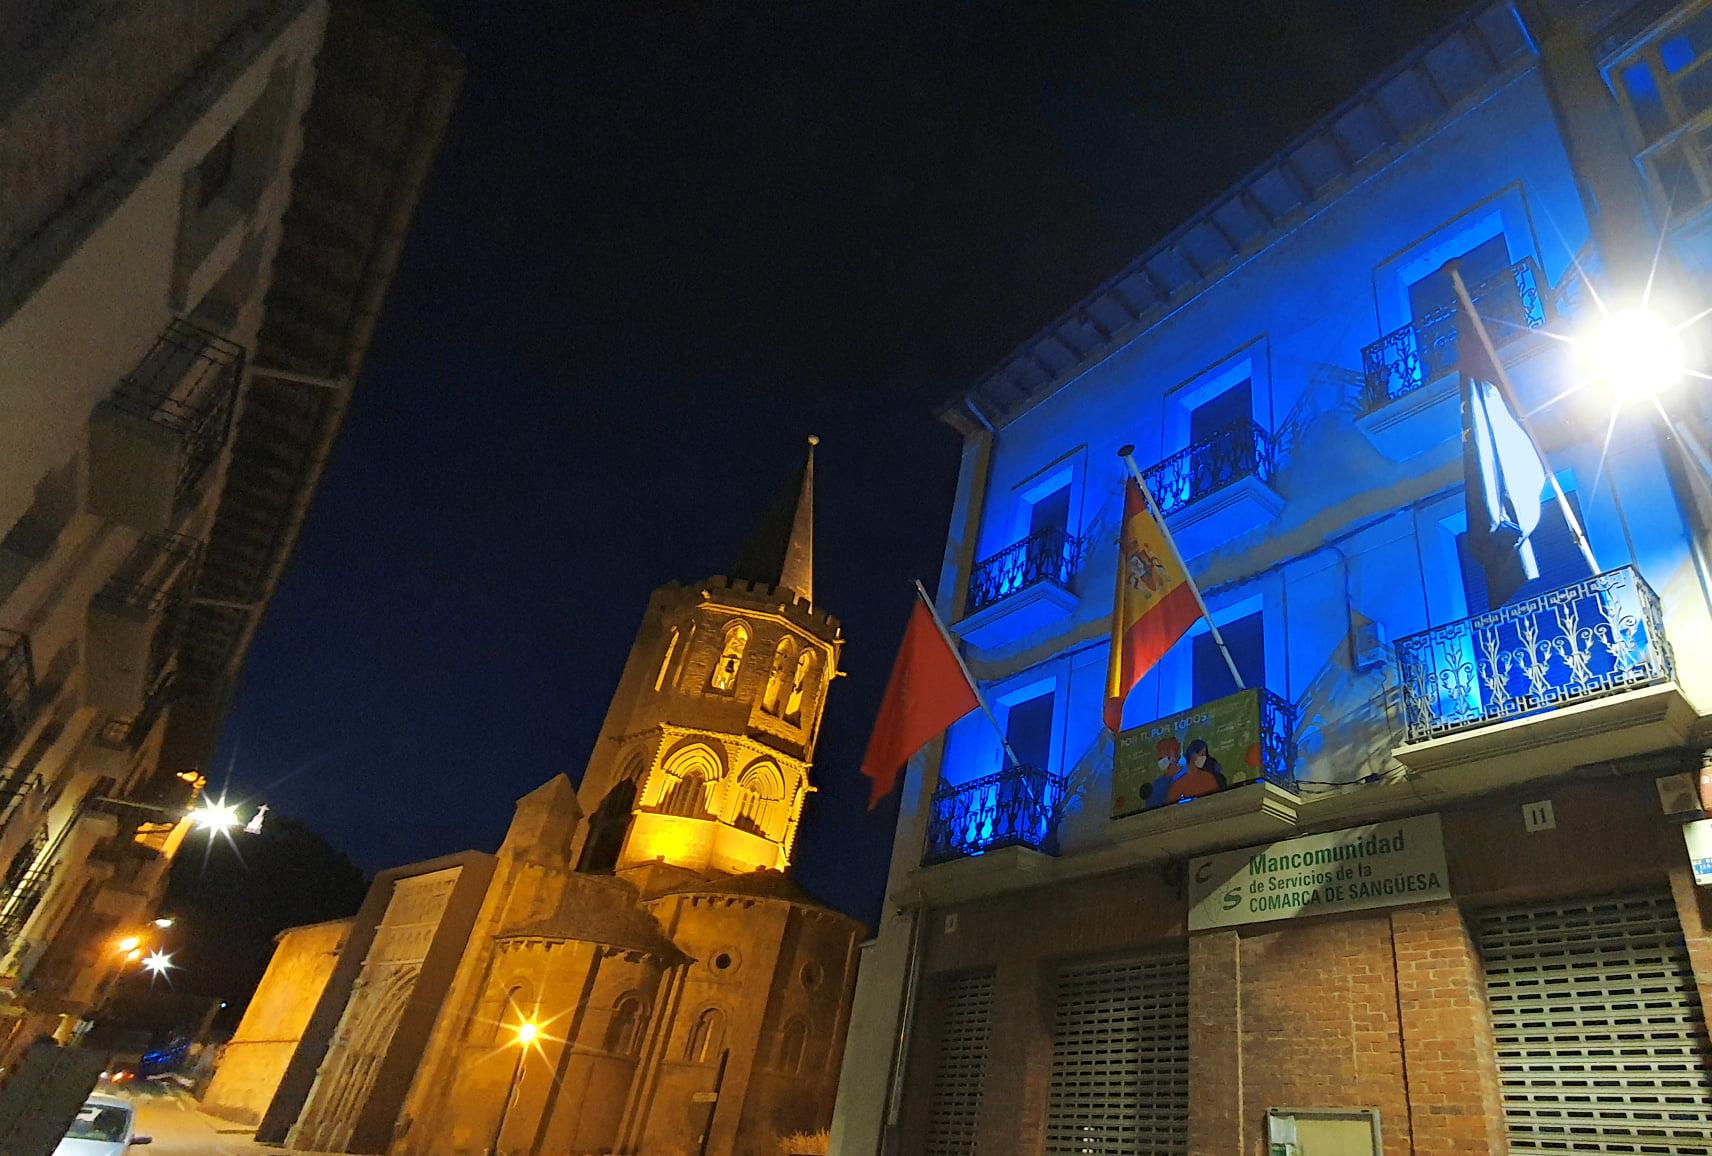 Iluminamos de azul nuestra sede por el Día Mundial de Concienciación sobre el Autismo